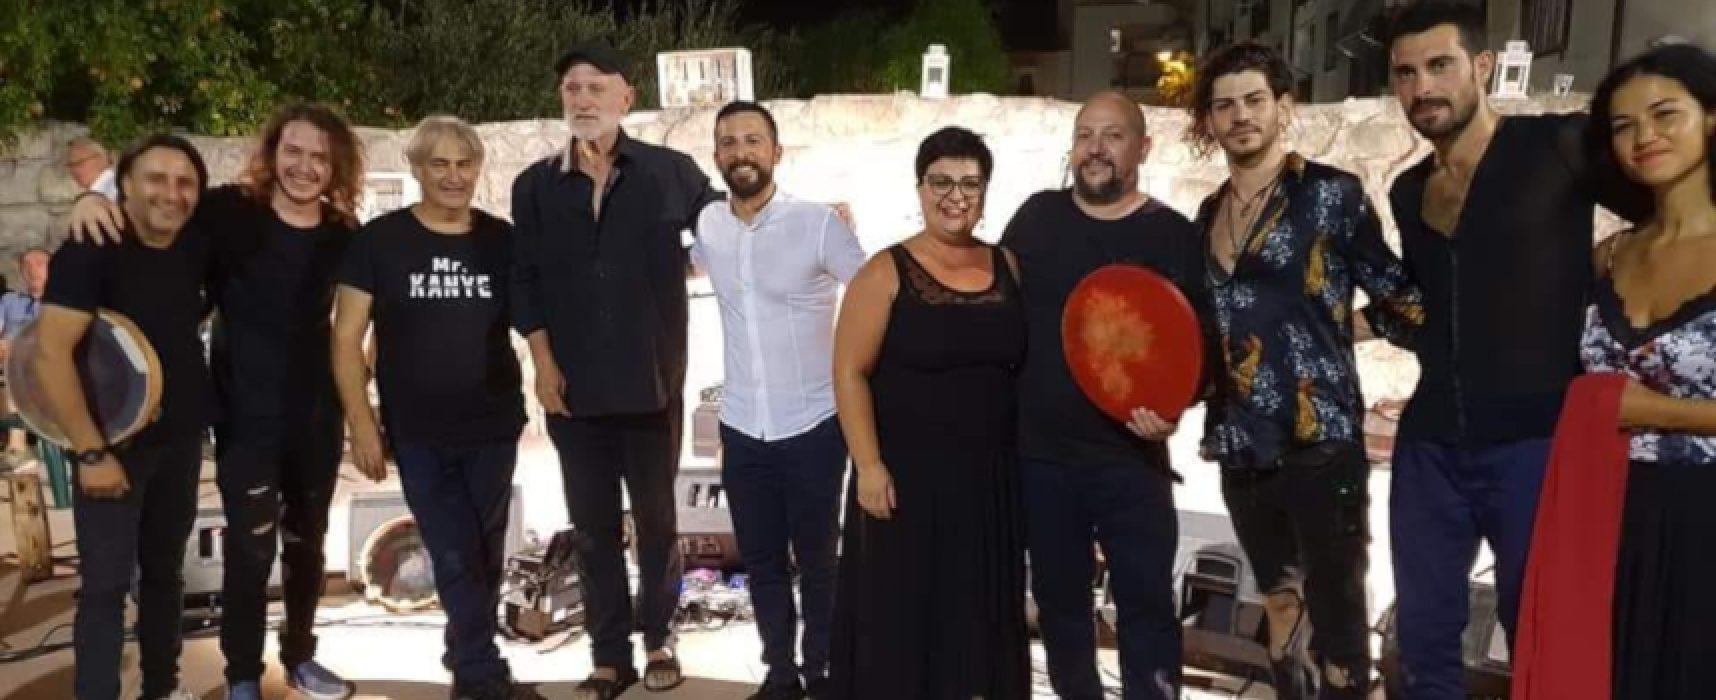 Centro Anziani Storelli, una serata di fine estate all'insegna della musica e della giovialità